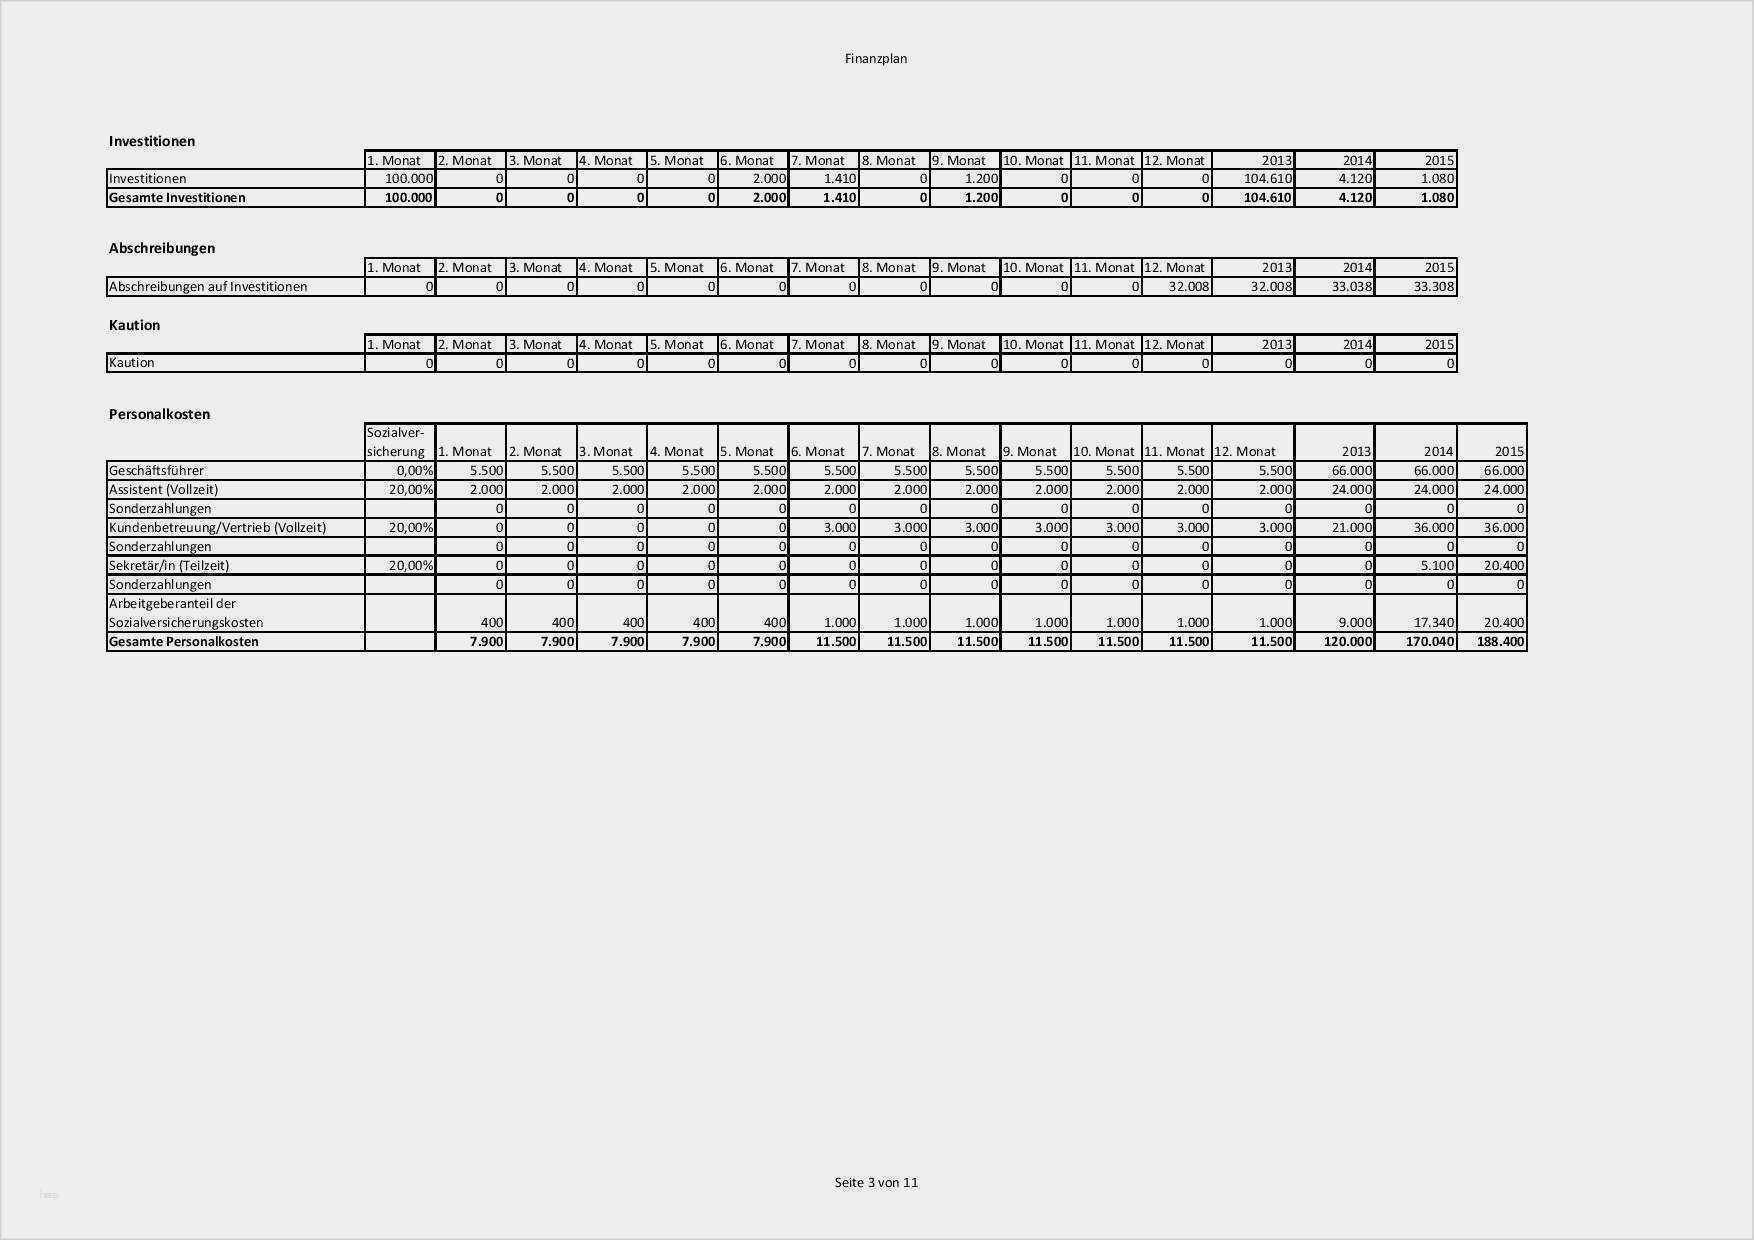 28 Schon Vorlage Businessplan Ihk Bilder Businessplan Vorlage Excel Vorlage Finanzen